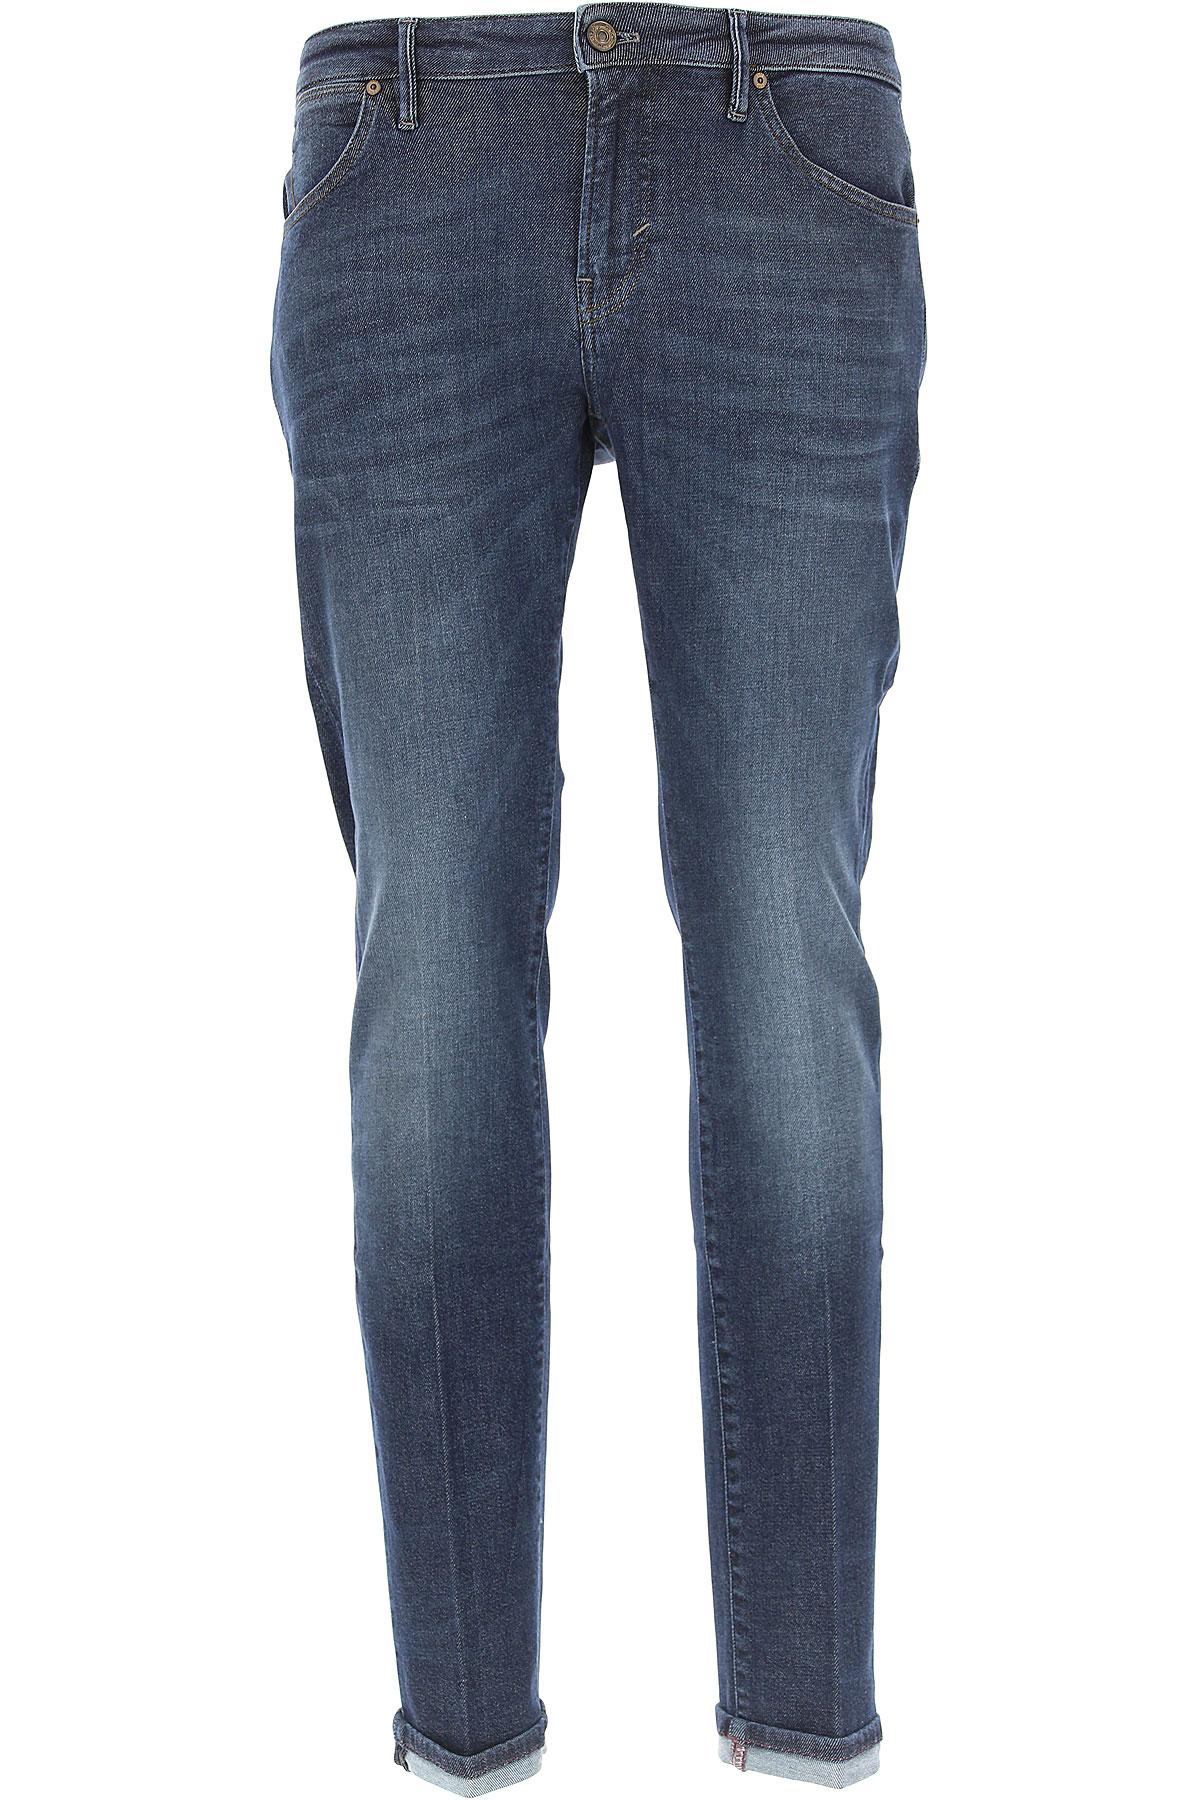 Image of PT05 Jeans, Denim Blue, Cotton, 2017, 30 31 32 33 34 35 36